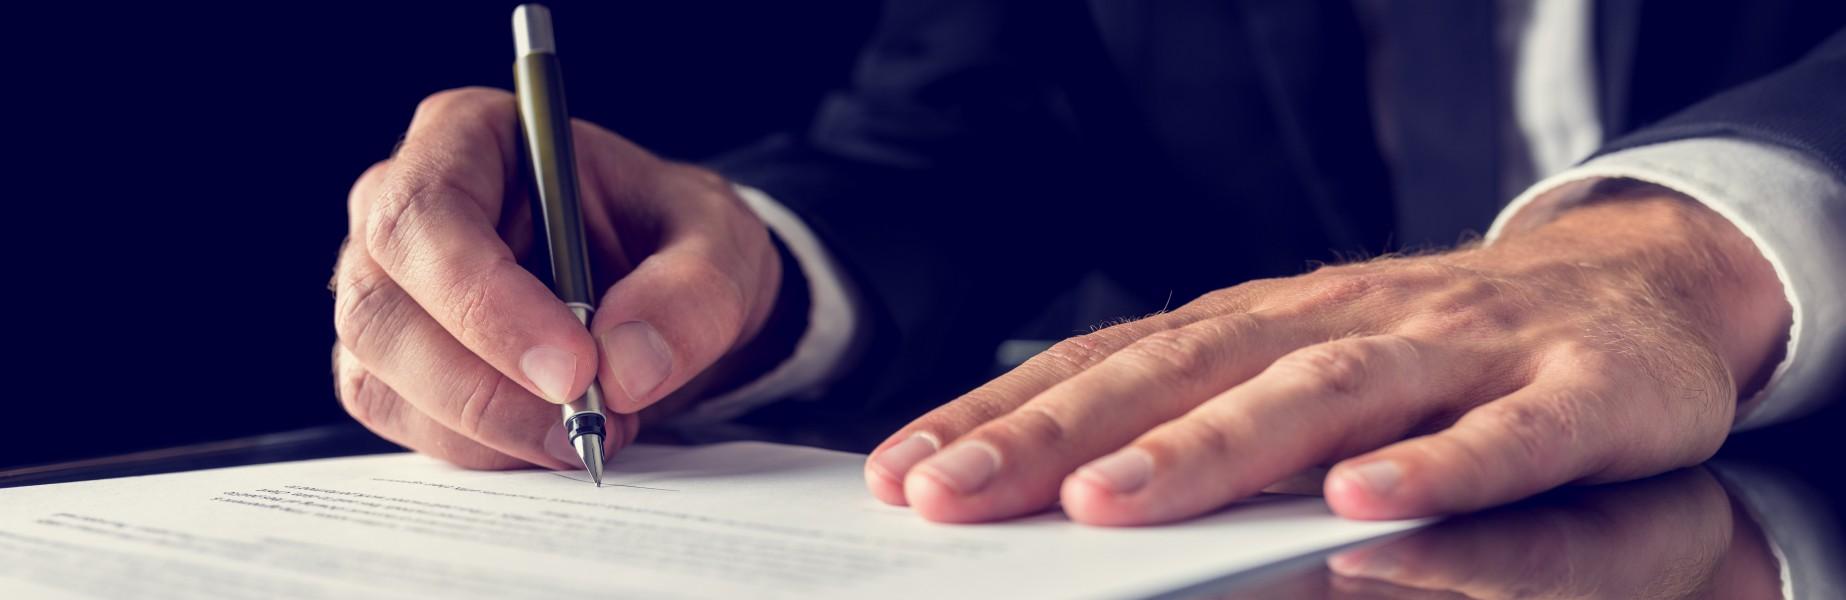 Наконец-то внесены разъяснения в ответственность по сделкам с НДС